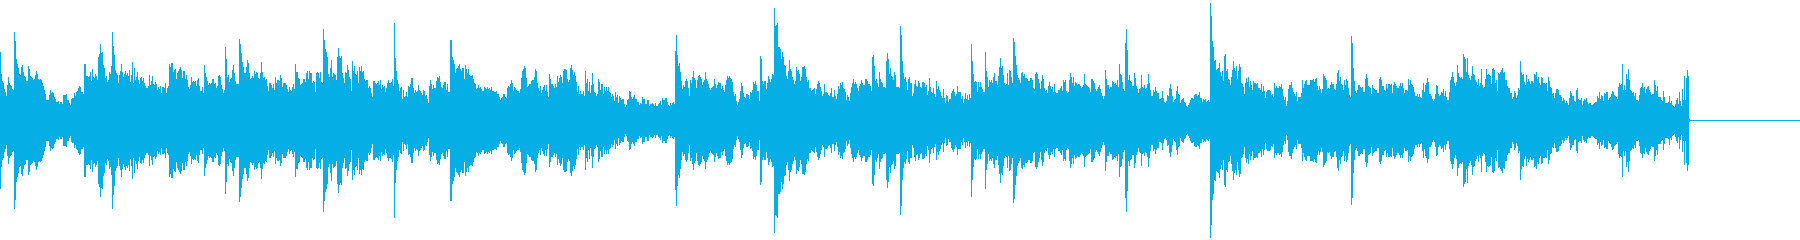 深刻、ダークな雰囲気のBGMの再生済みの波形